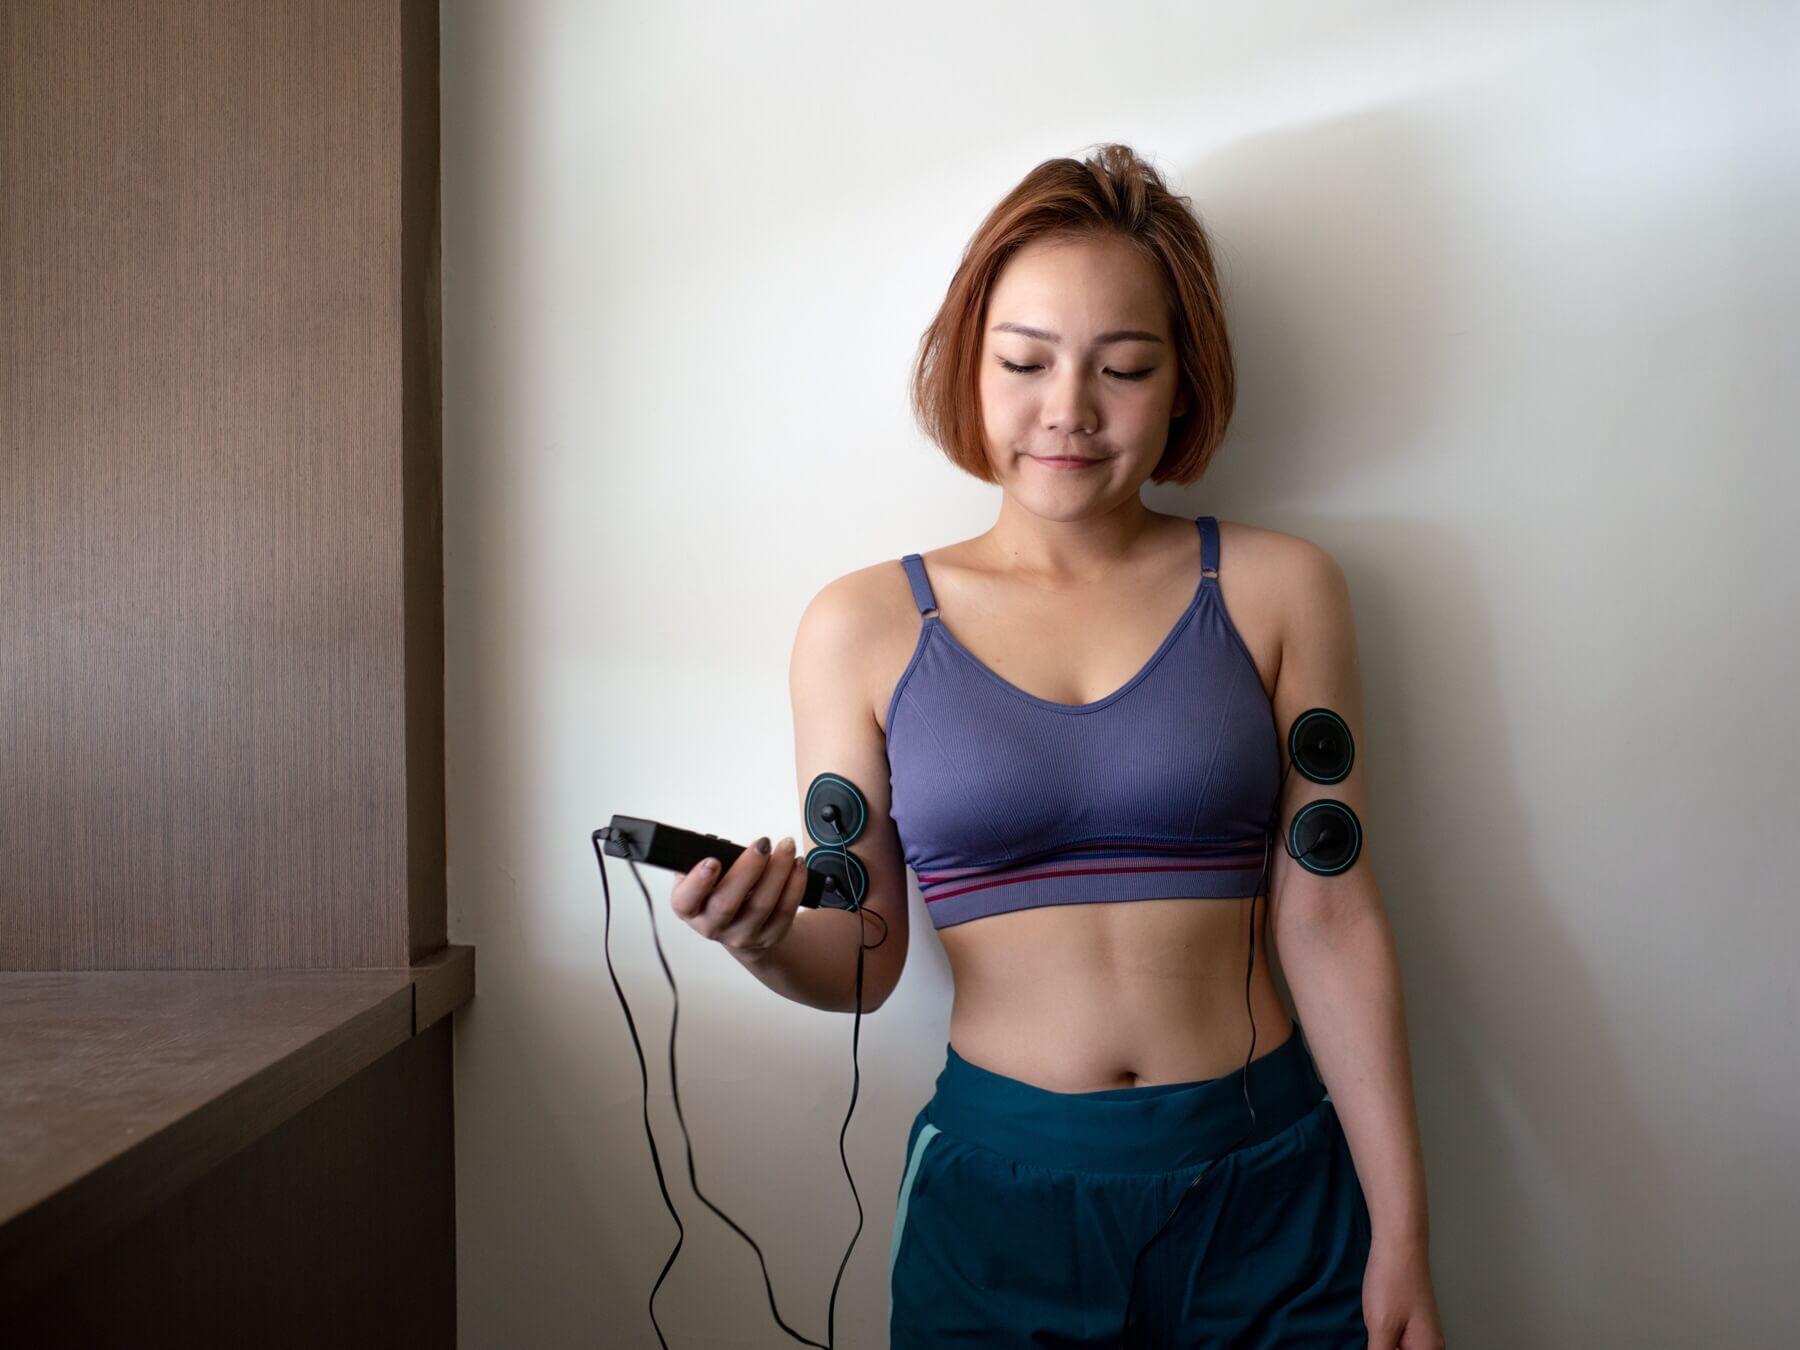 來自NASA的高科技肌力訓練|船井動力式肌肉刺激器+束腹帶|我的專屬健身機器人